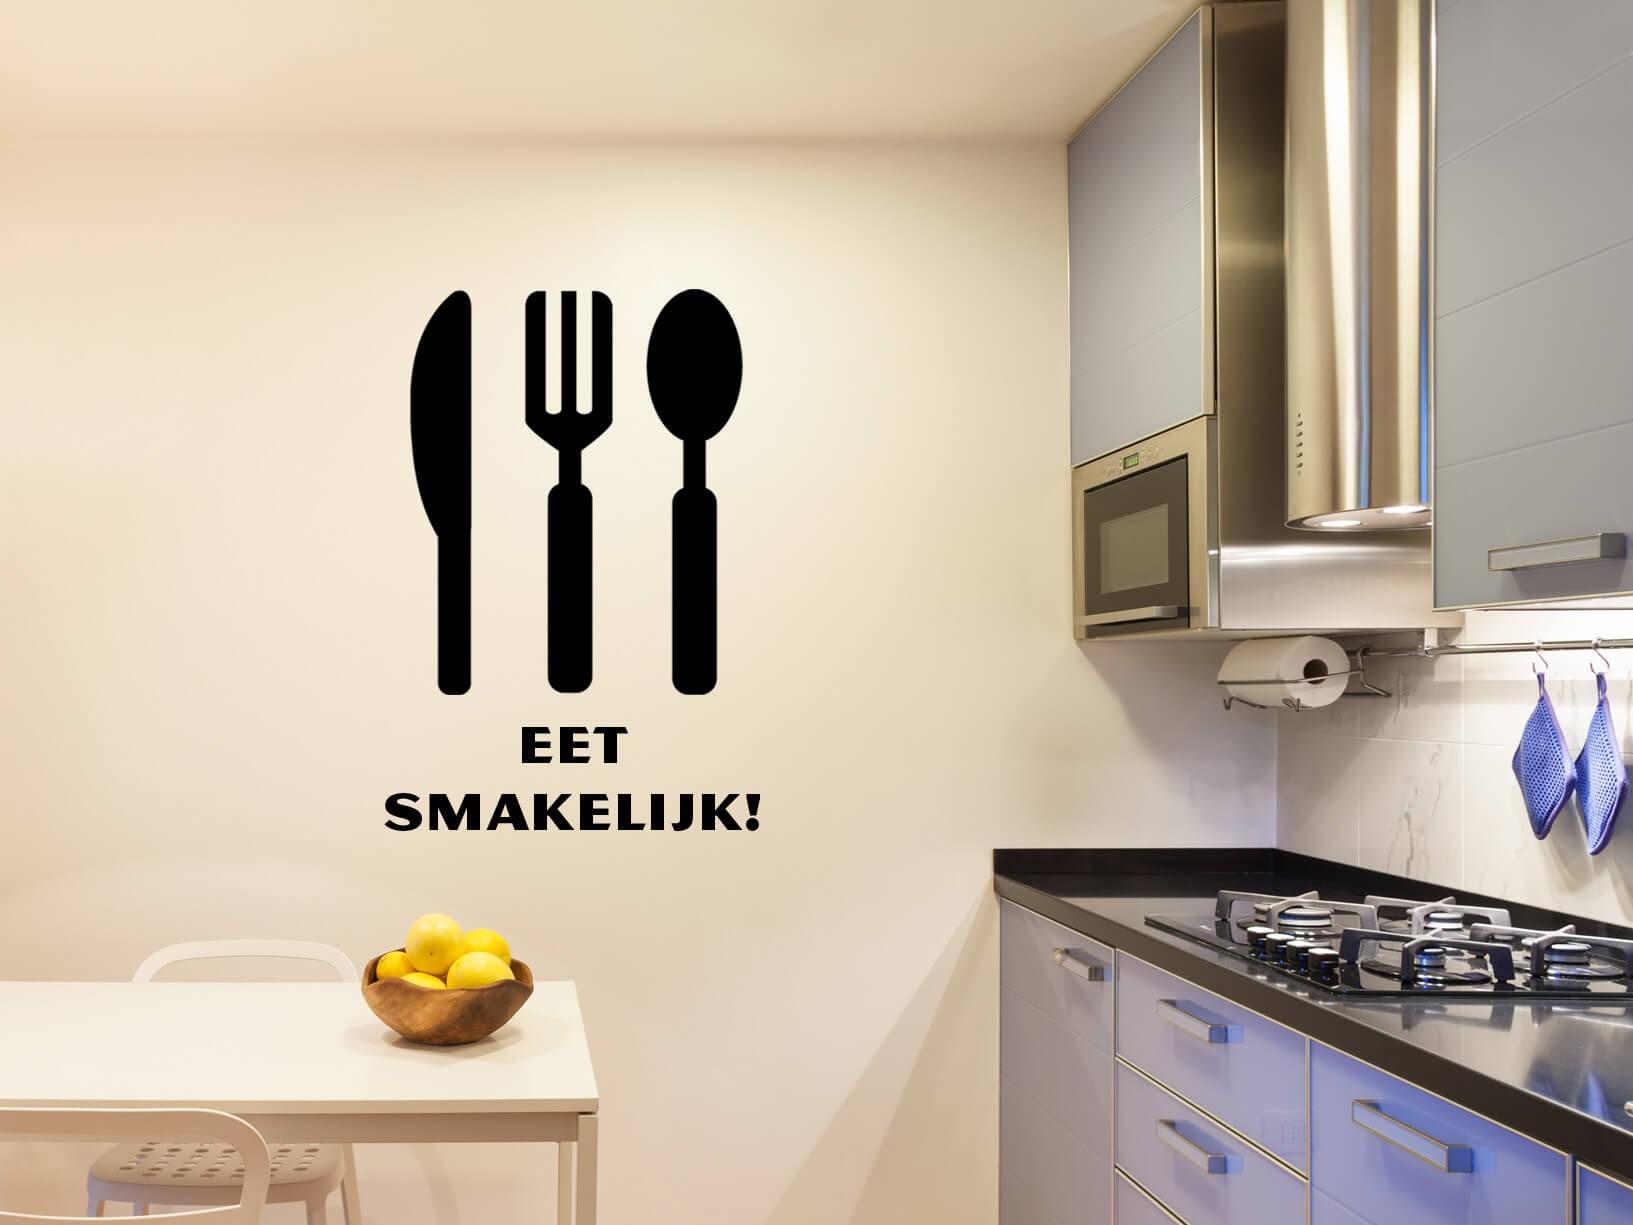 """Muurstickers Keuken Eet Smakelijk : Muursticker """"Eet smakelijk"""" met bestek"""